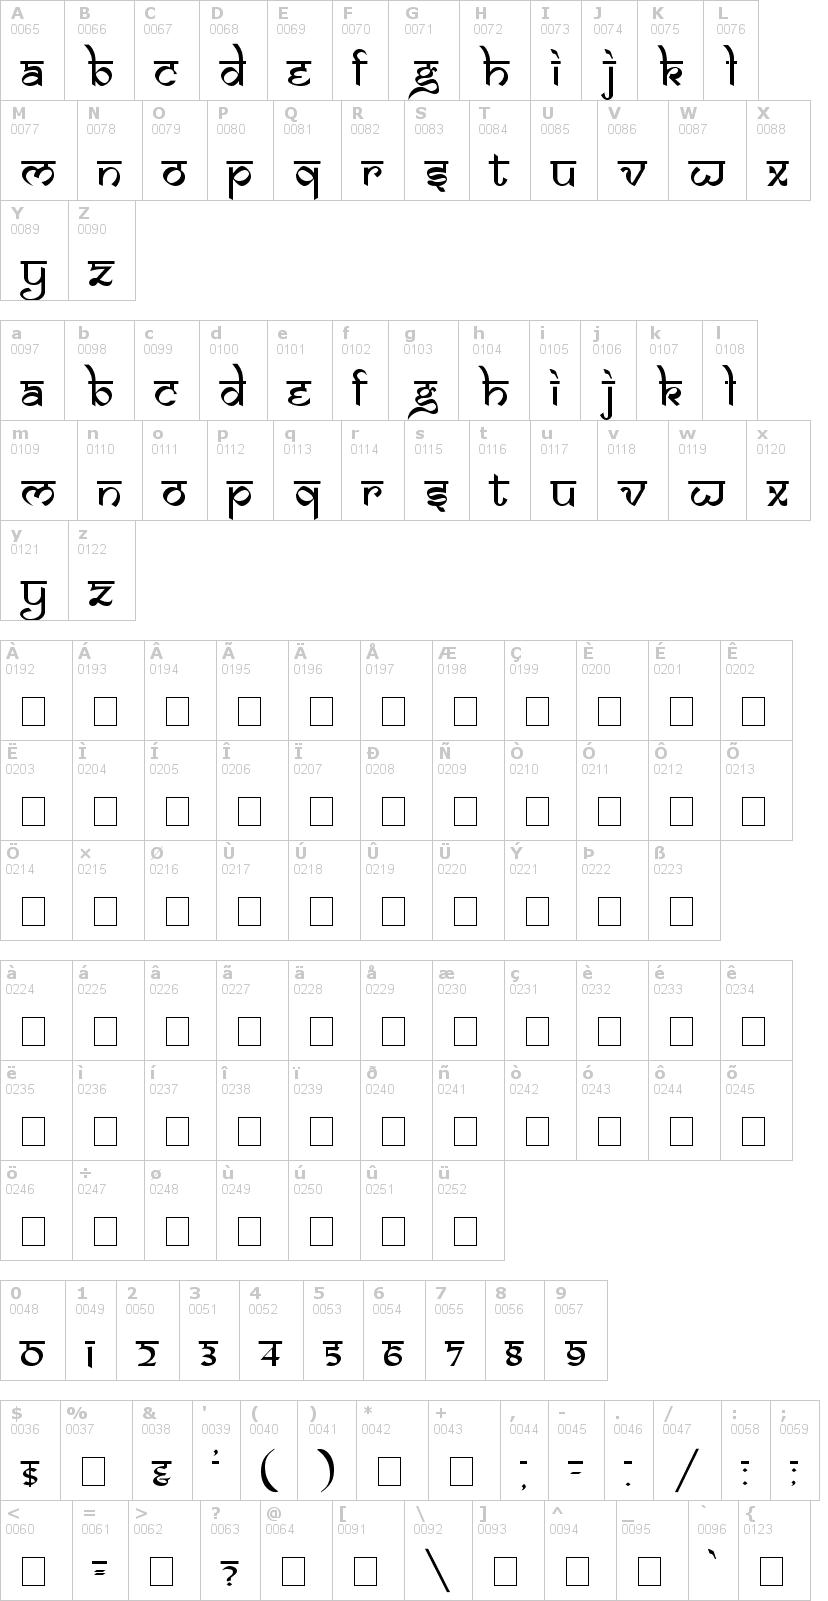 Lettere dell'alfabeto del font samarkan con le quali è possibile realizzare adesivi prespaziati